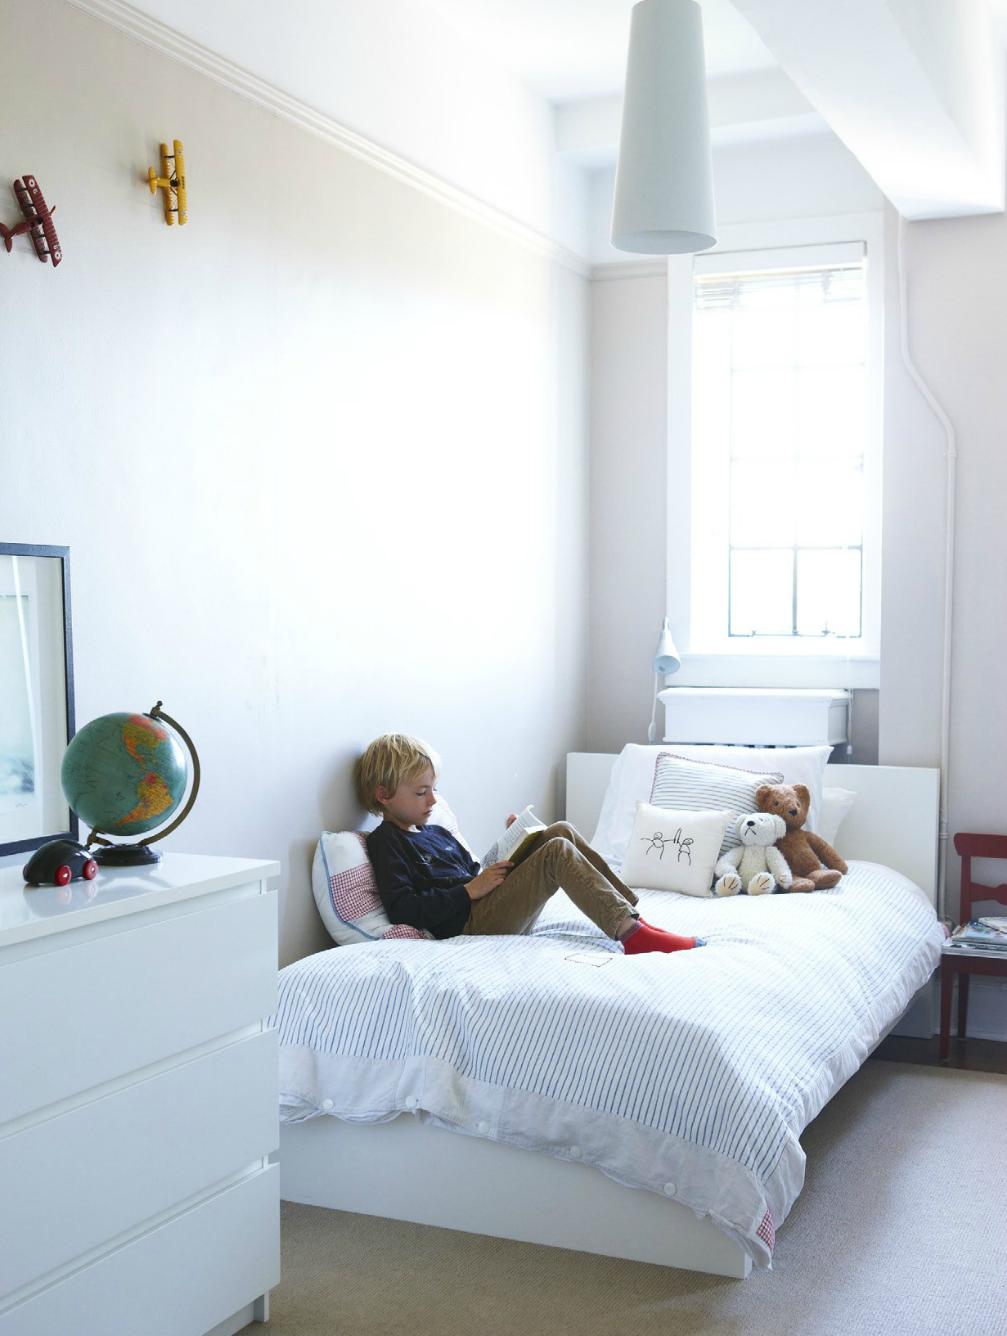 Lindseyus sonus room via covet garden little spaces pinterest